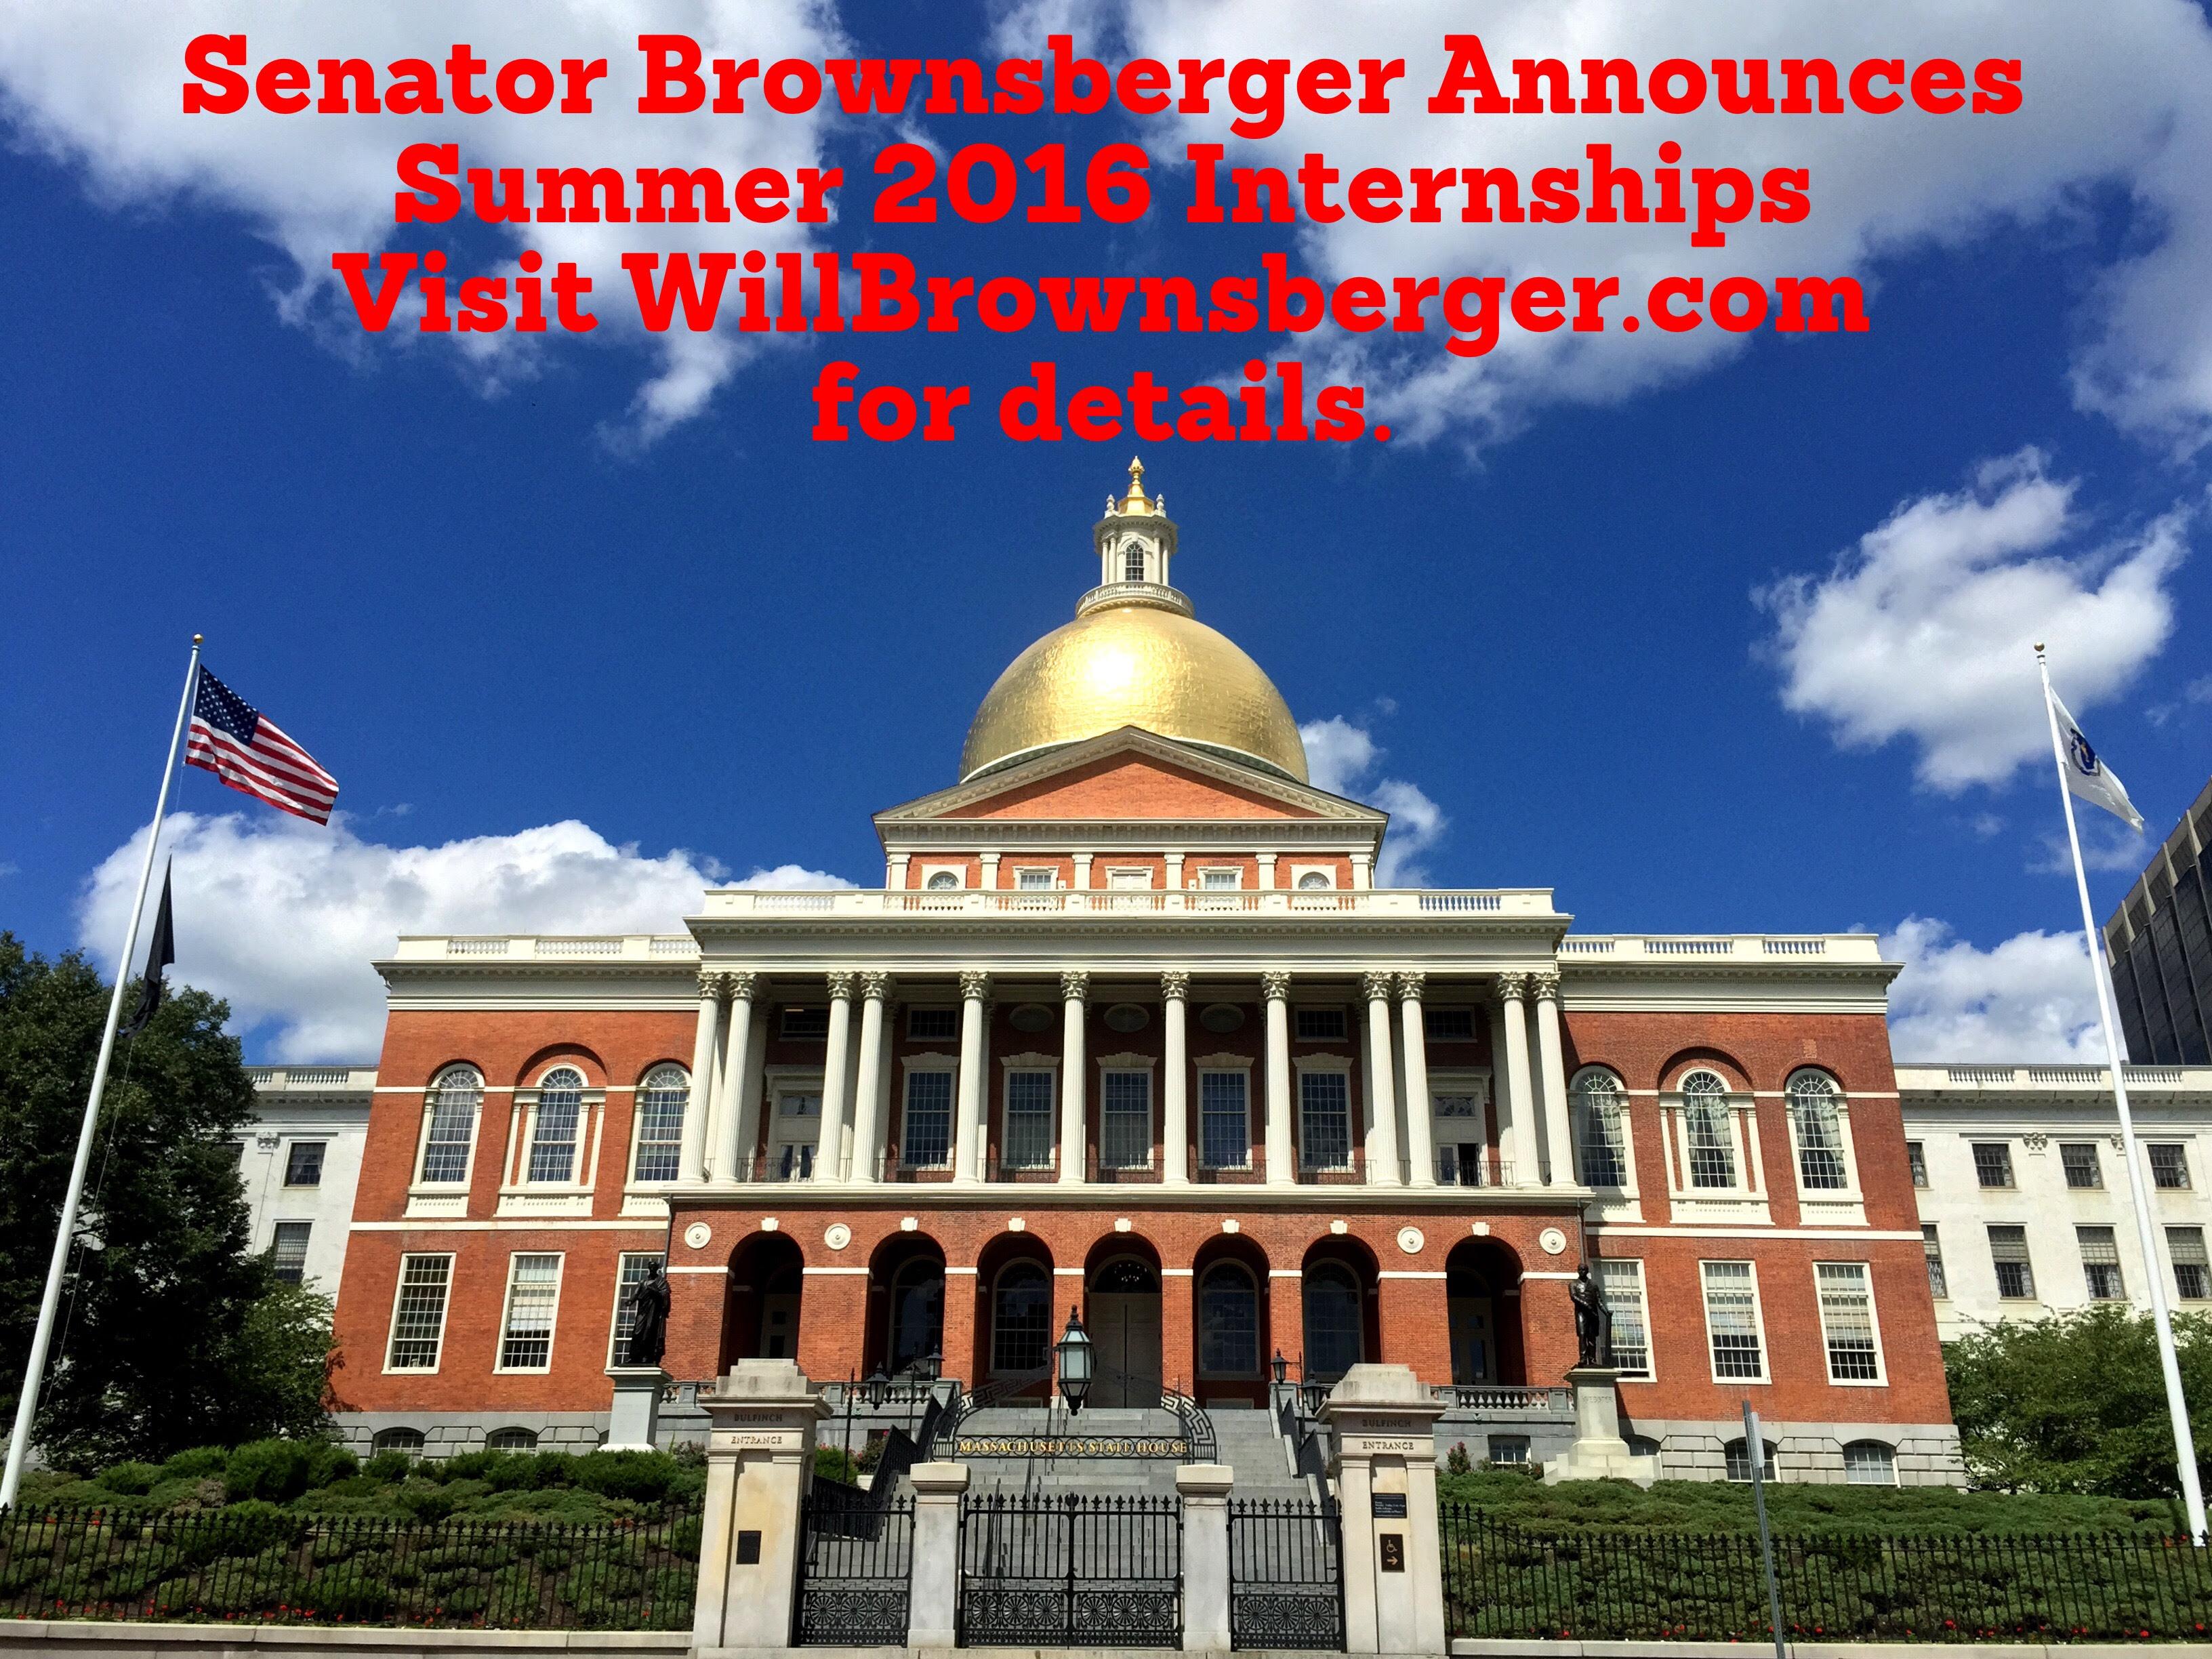 Senator Brownsberger Announces Summer 2016 Internships ...